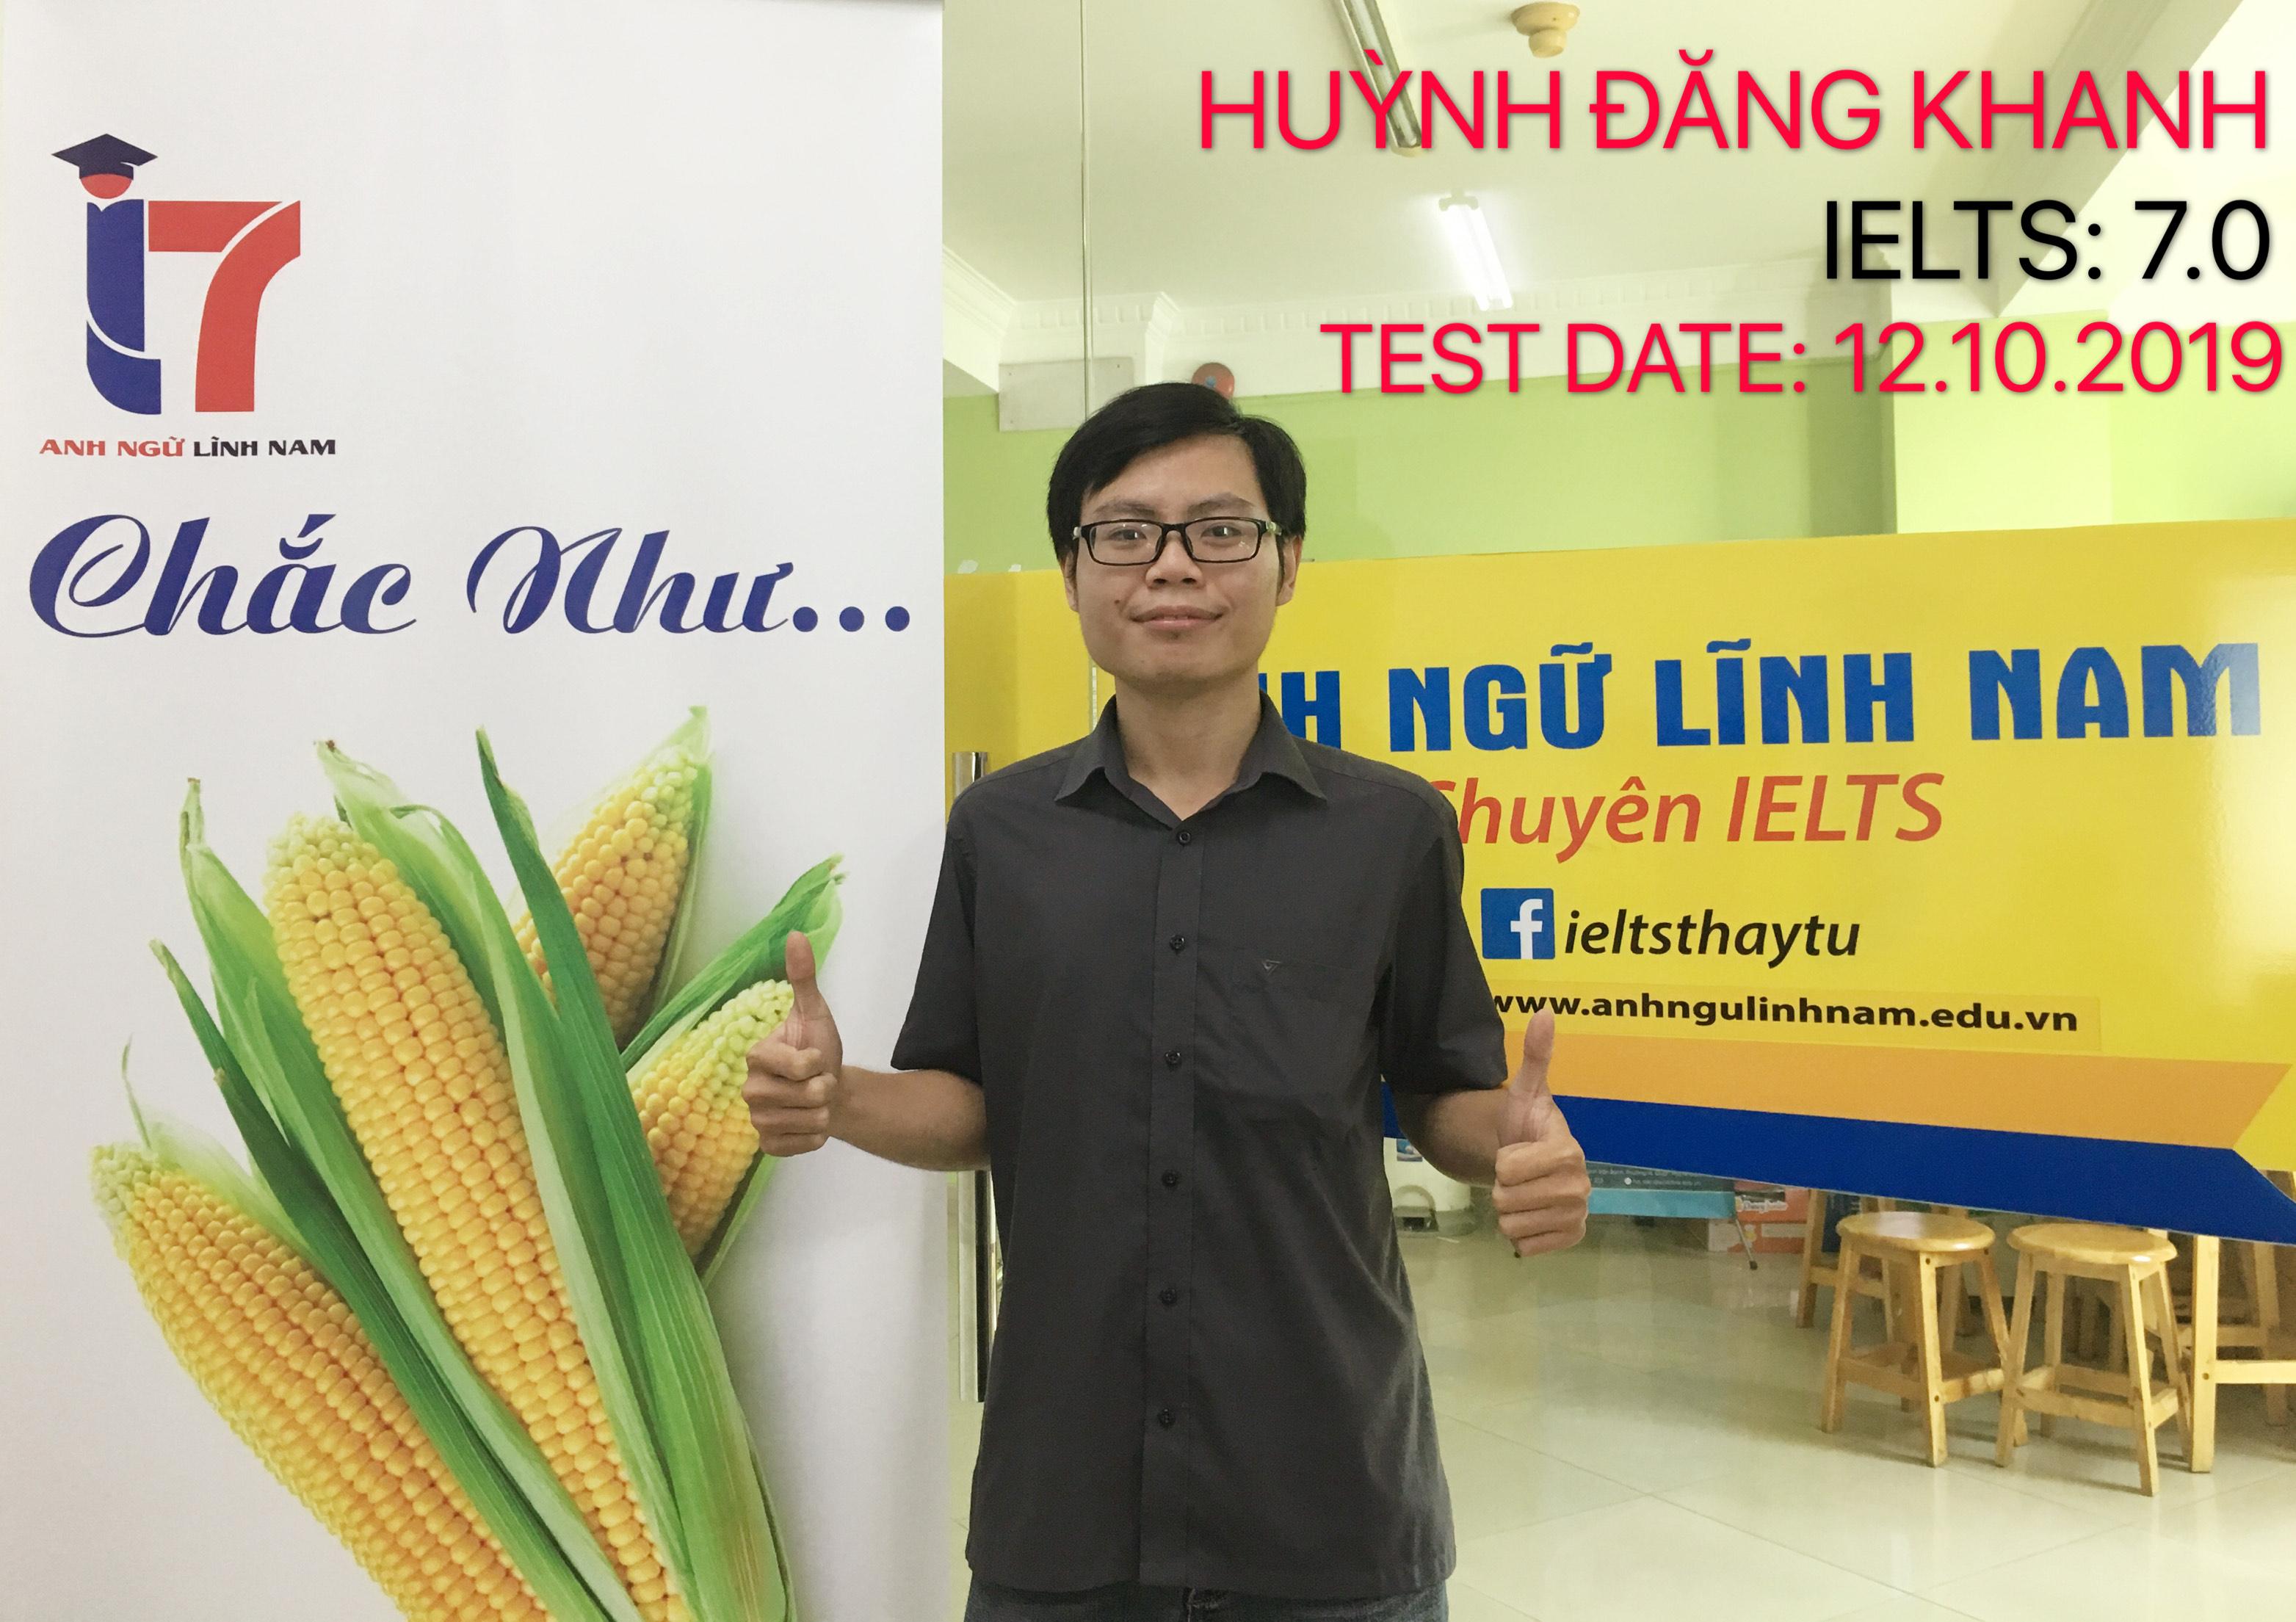 HUỲNH ĐĂNG KHANH-7.0-12.10.2019